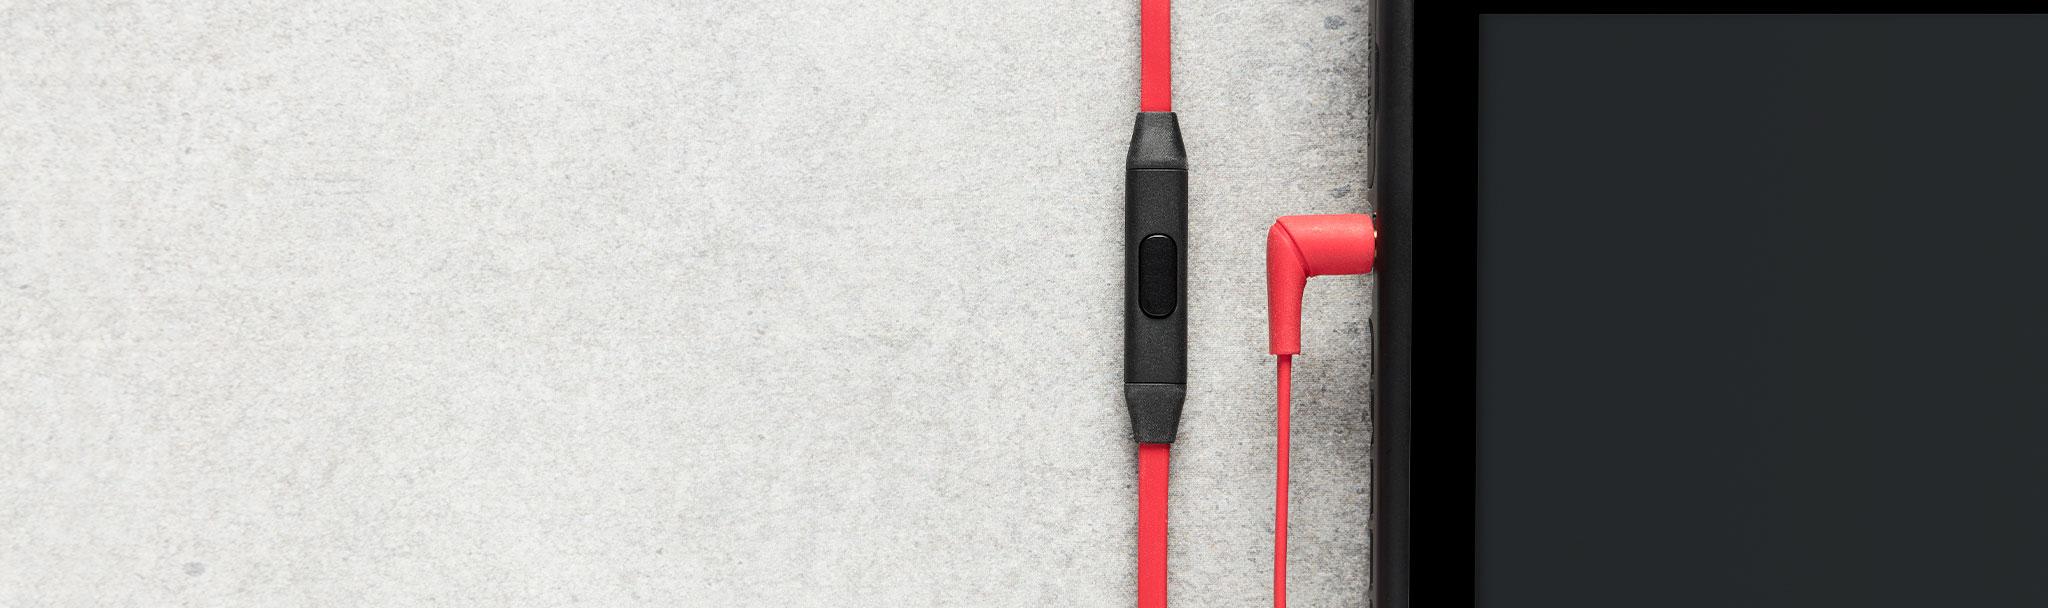 Tai nghe Kingston HyperX Earbuds (HX-HSCEB-RD) tích hợp micro cho khả năng đàm thoại tốt